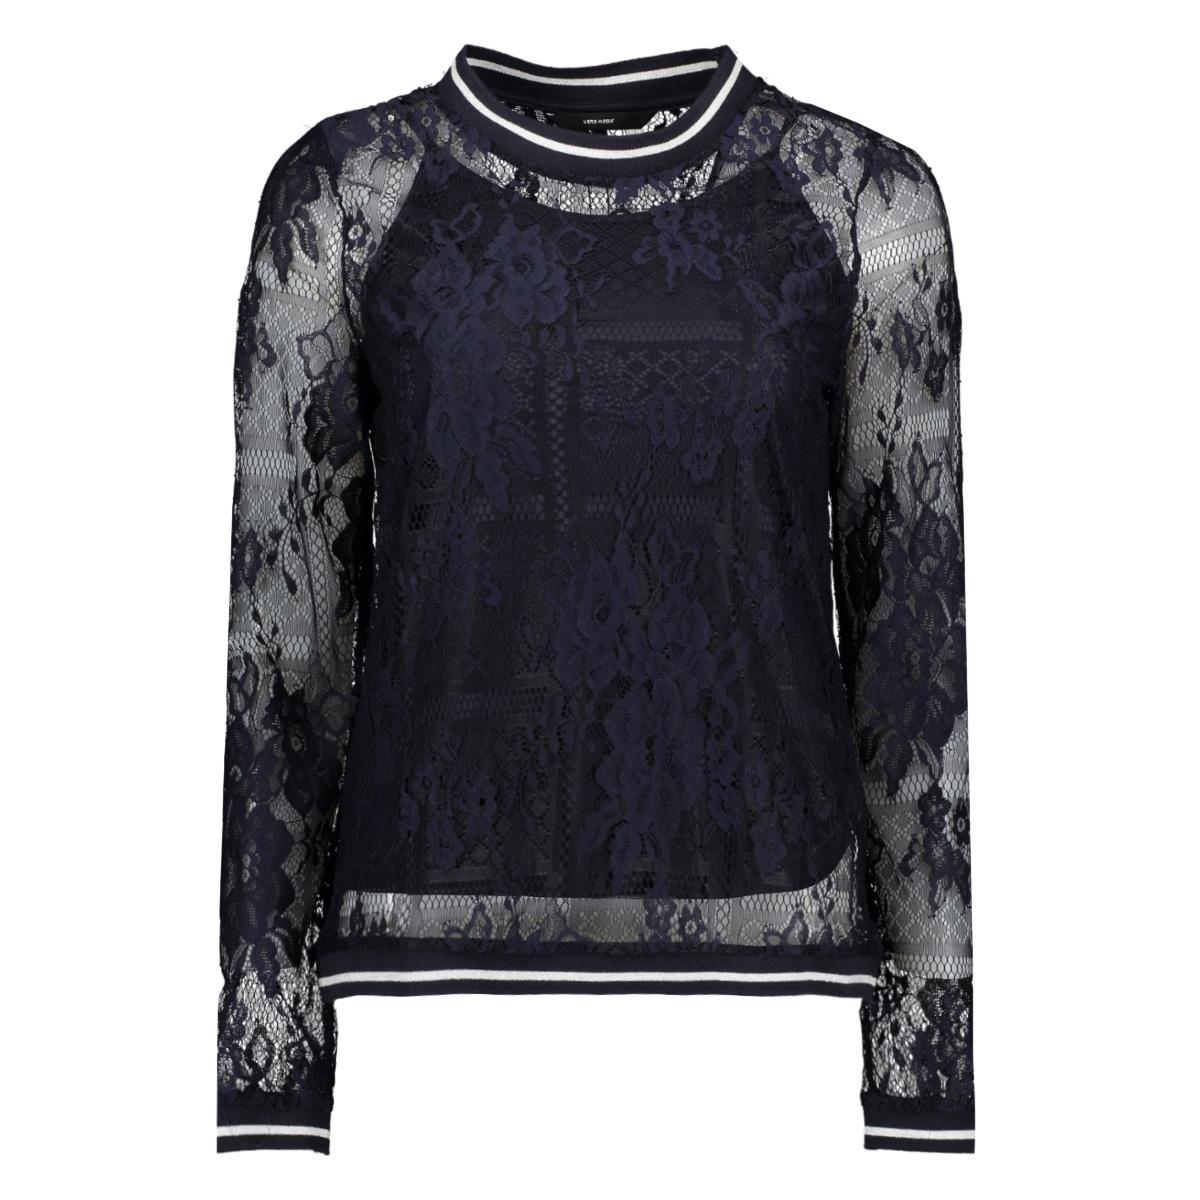 vmbine l/s midi top jrs 10211738 vero moda t-shirt night sky